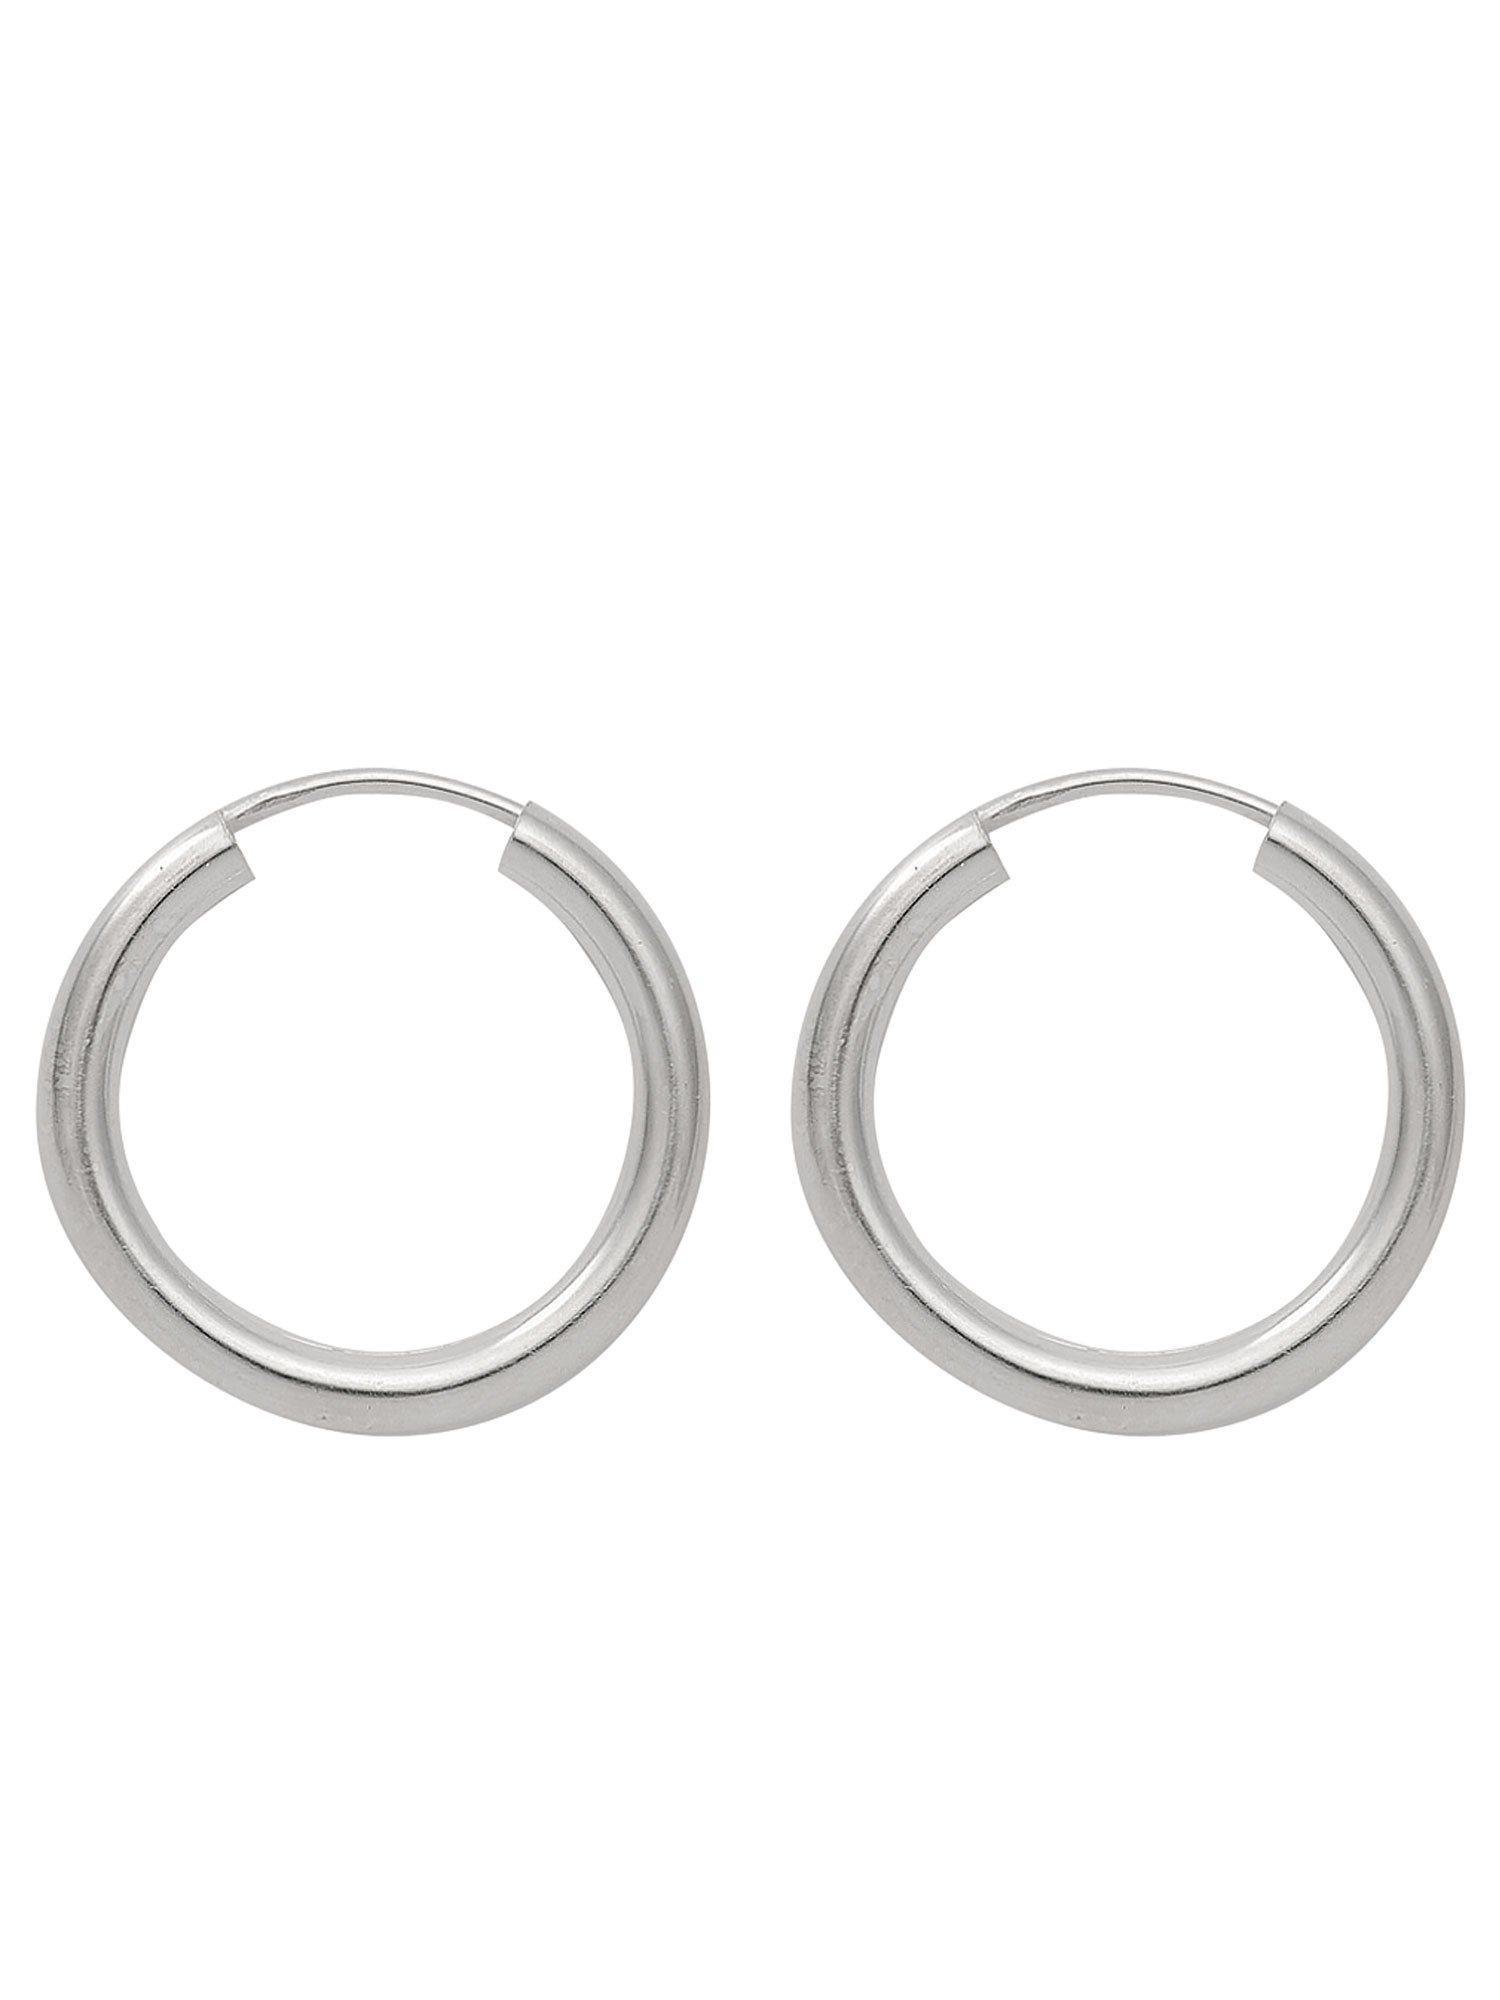 Adelia´s Paar Creolen »Silber Ohrringe« 925 Sterling Silber Ø 5 cm | Schmuck > Ohrschmuck & Ohrringe > Creolen | Adelia´s